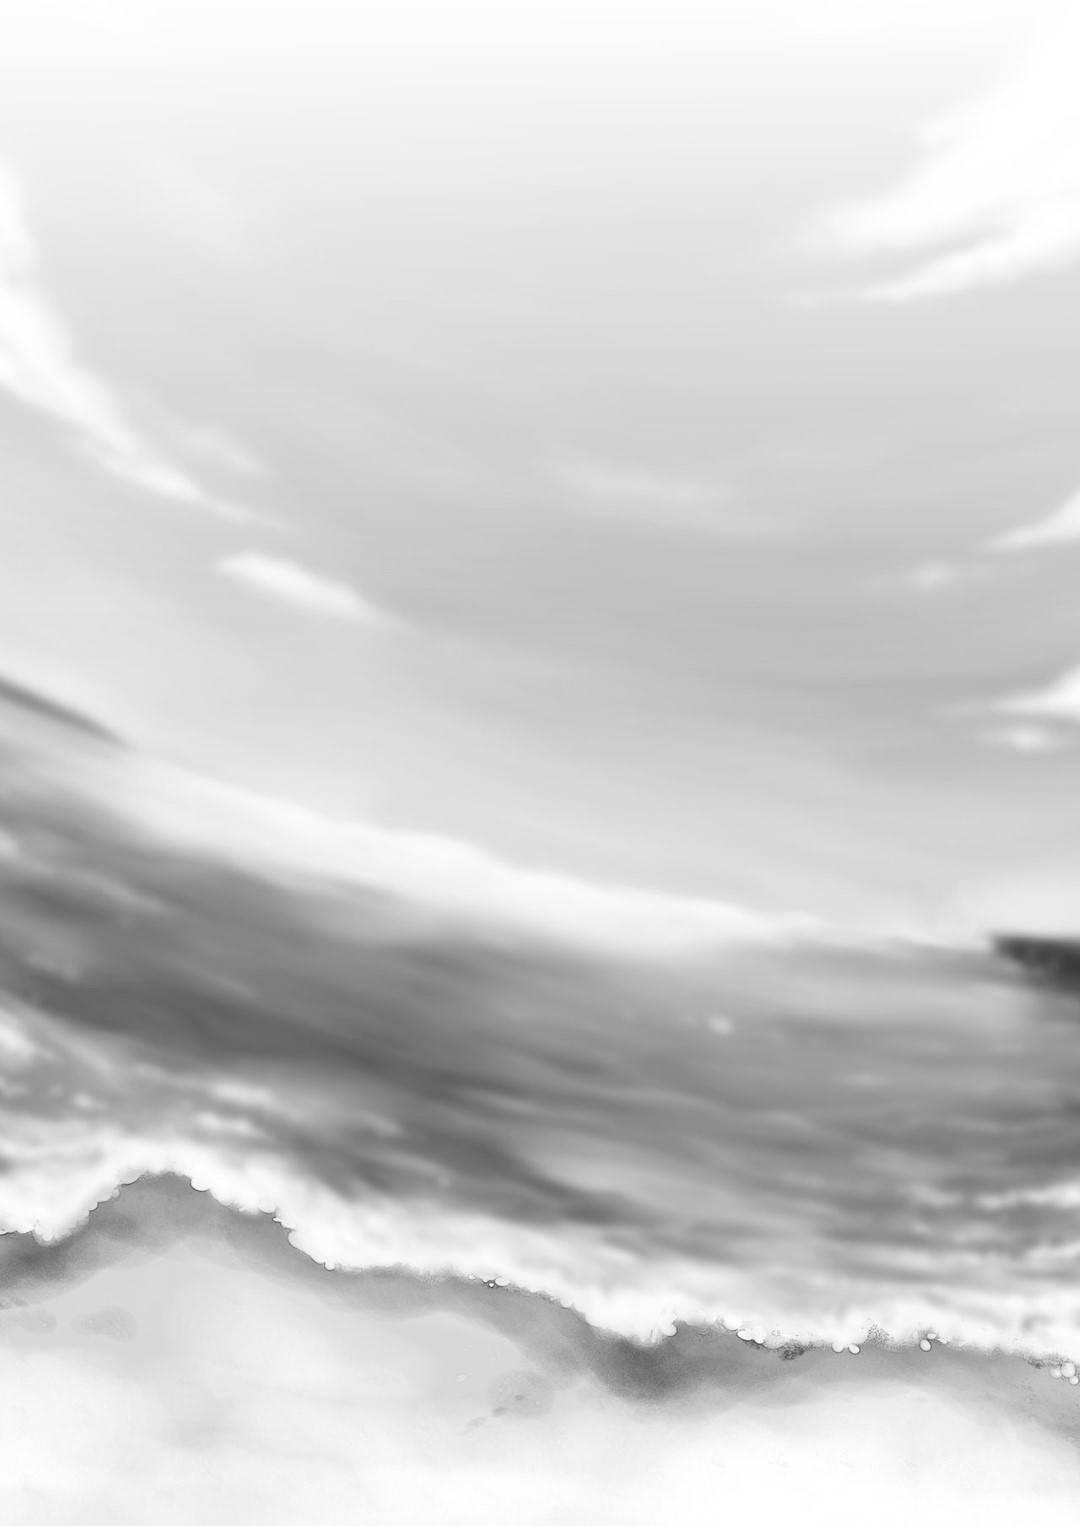 【エロ漫画】不倫をしていた地味目な爆乳巨乳人妻…寂しくてついイチャラブトロ顔中出し浮気セックスをしちゃう!【大塚まひろ:倉田真稀子の告白1】